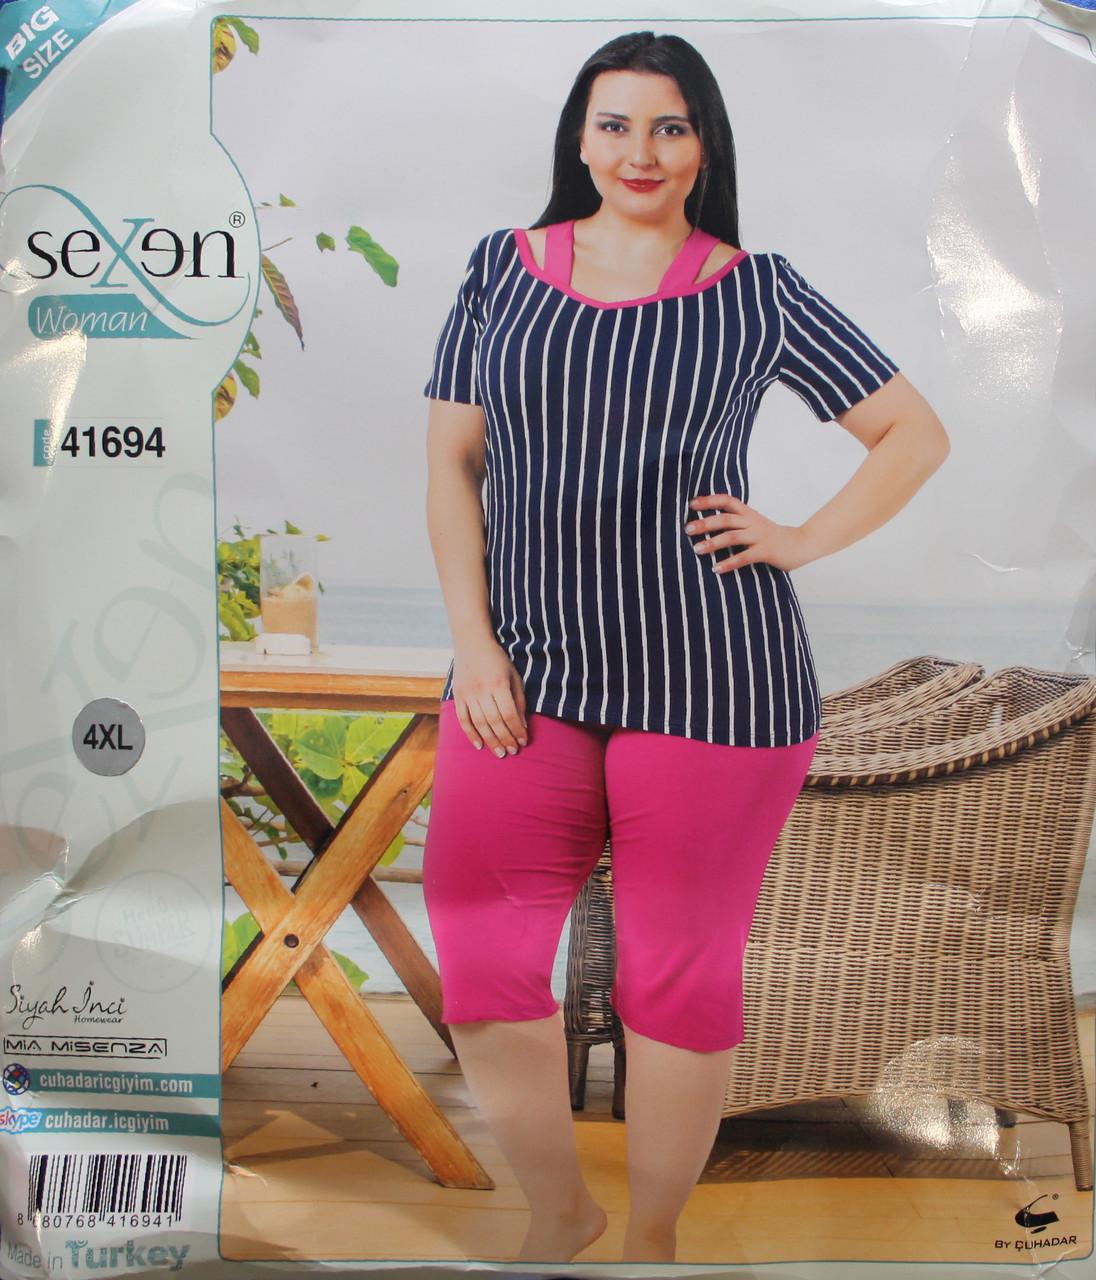 Футболка и бриджи - женская пижама SEXEN (Батал) 41694